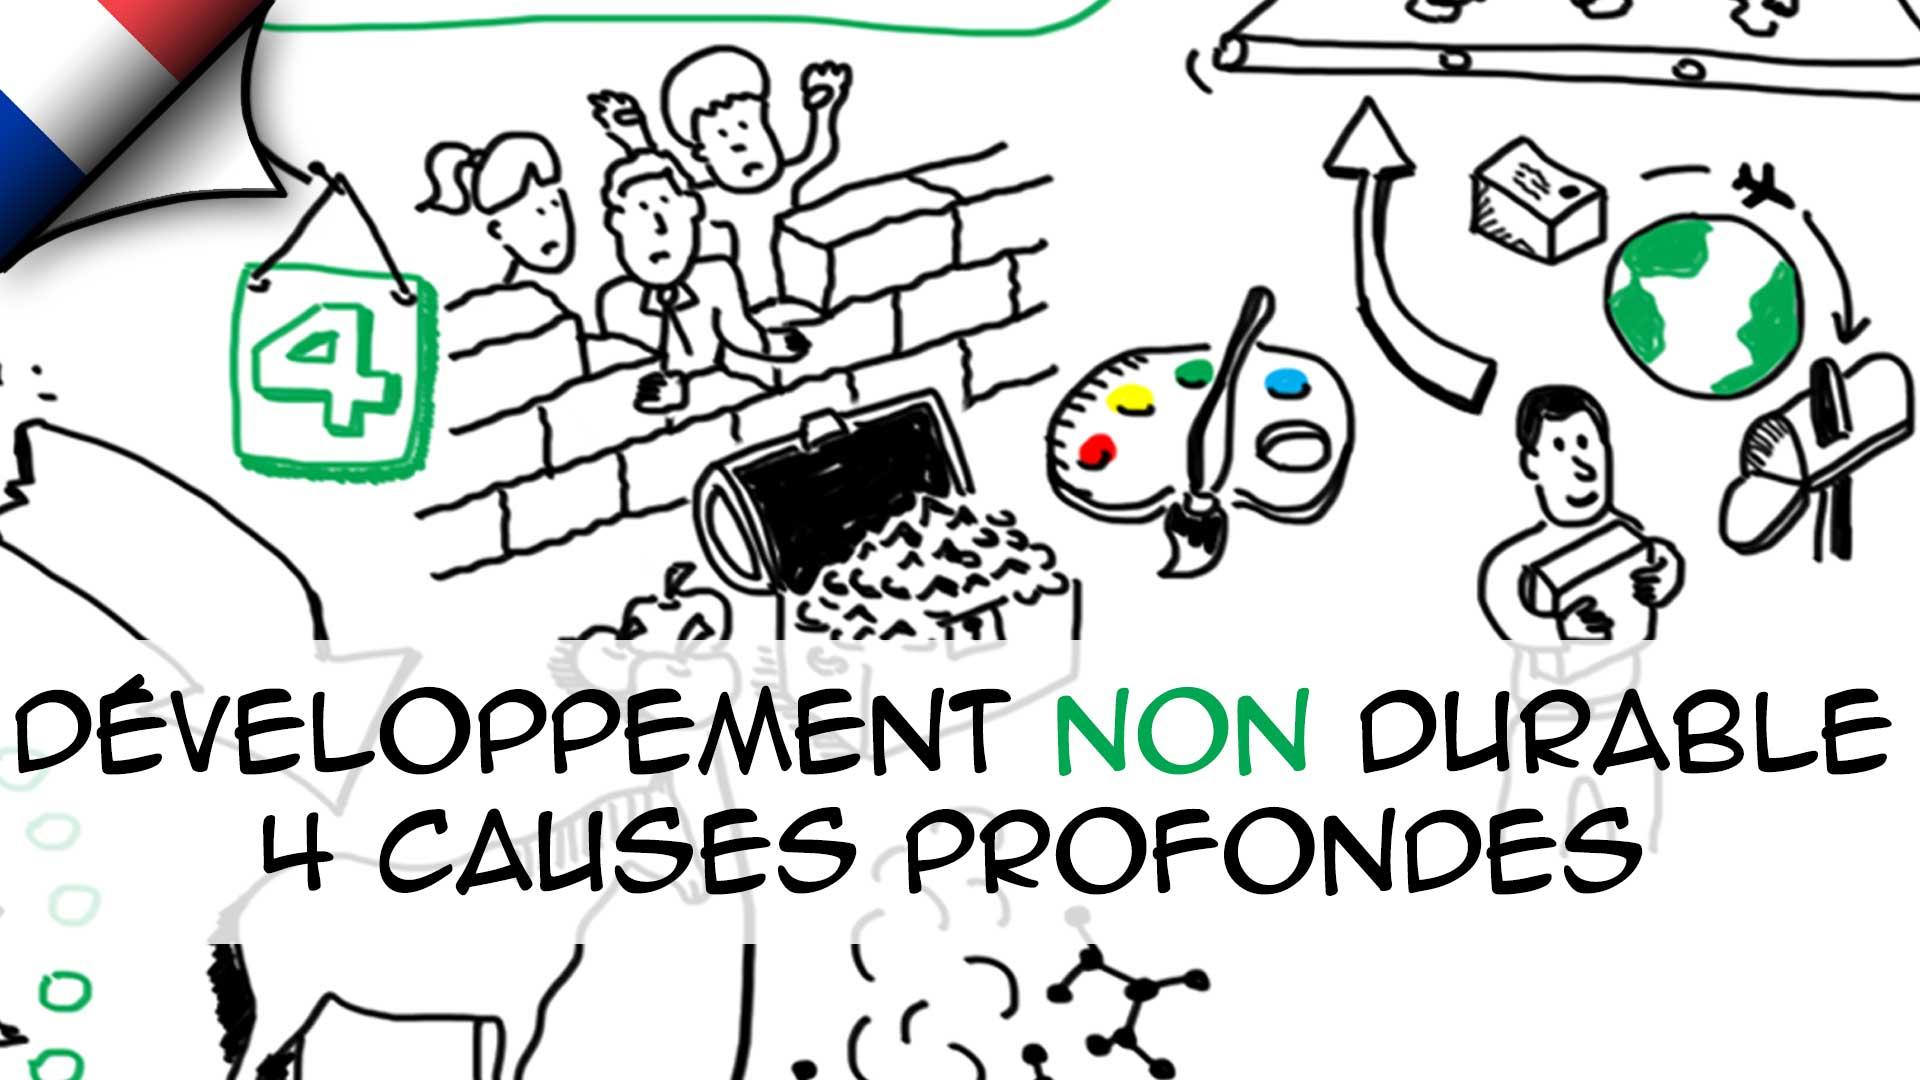 Développement NON durable : 4 causes profondes (Ep.2)